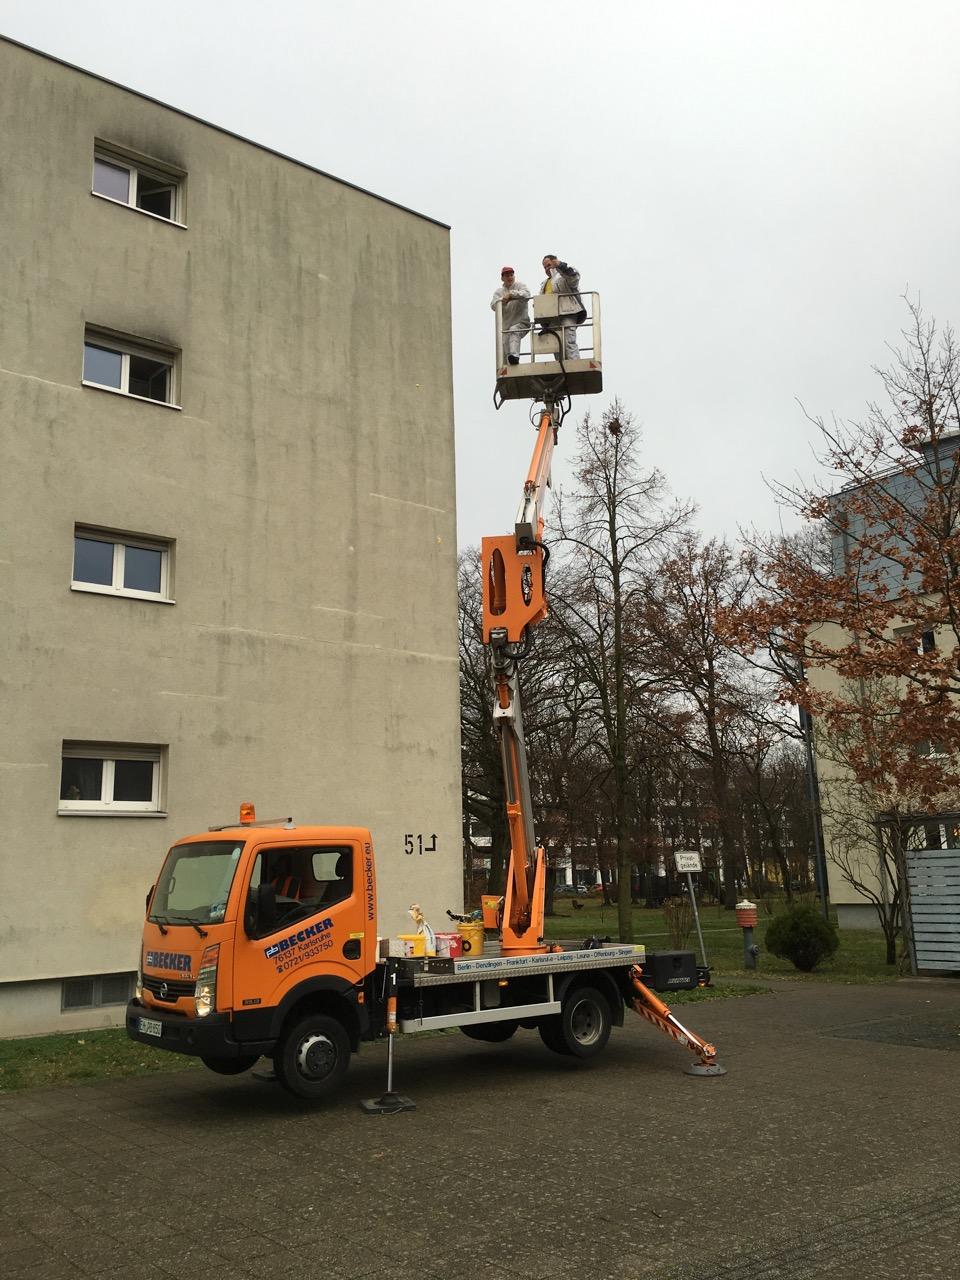 Fassadenausbesserung mit Hebebühne